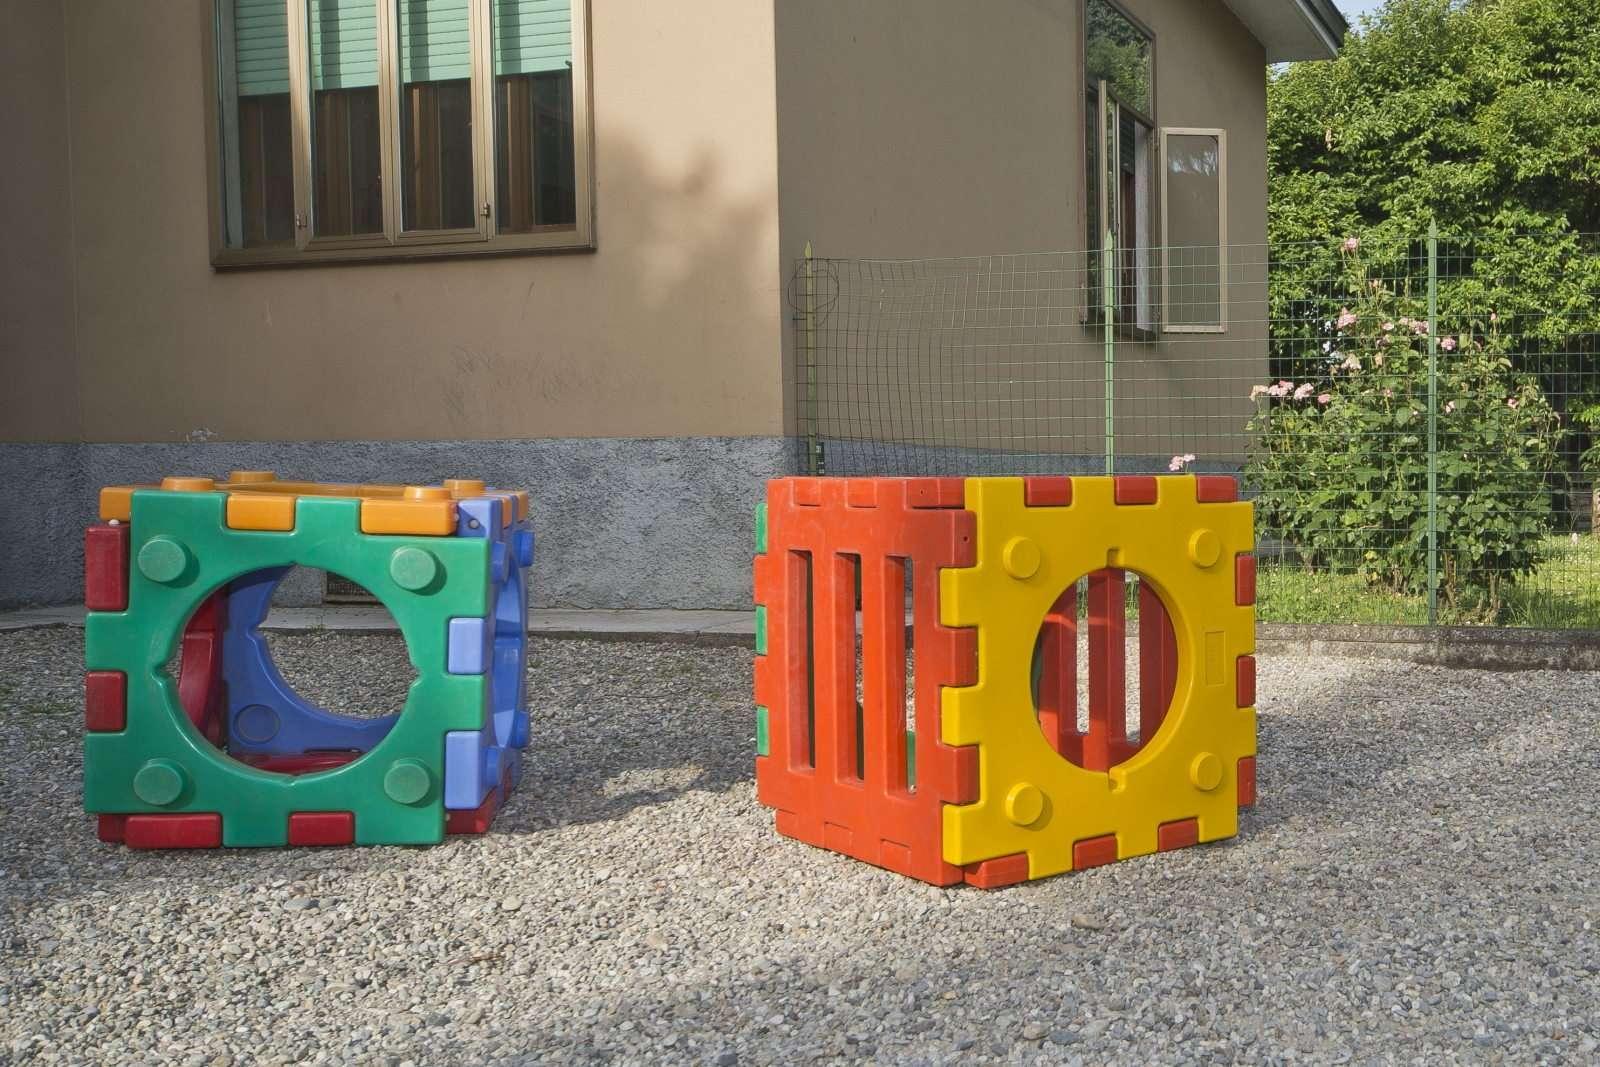 032 D4C 5574 Ridotte - Scuola Materna Peschiera Borromeo